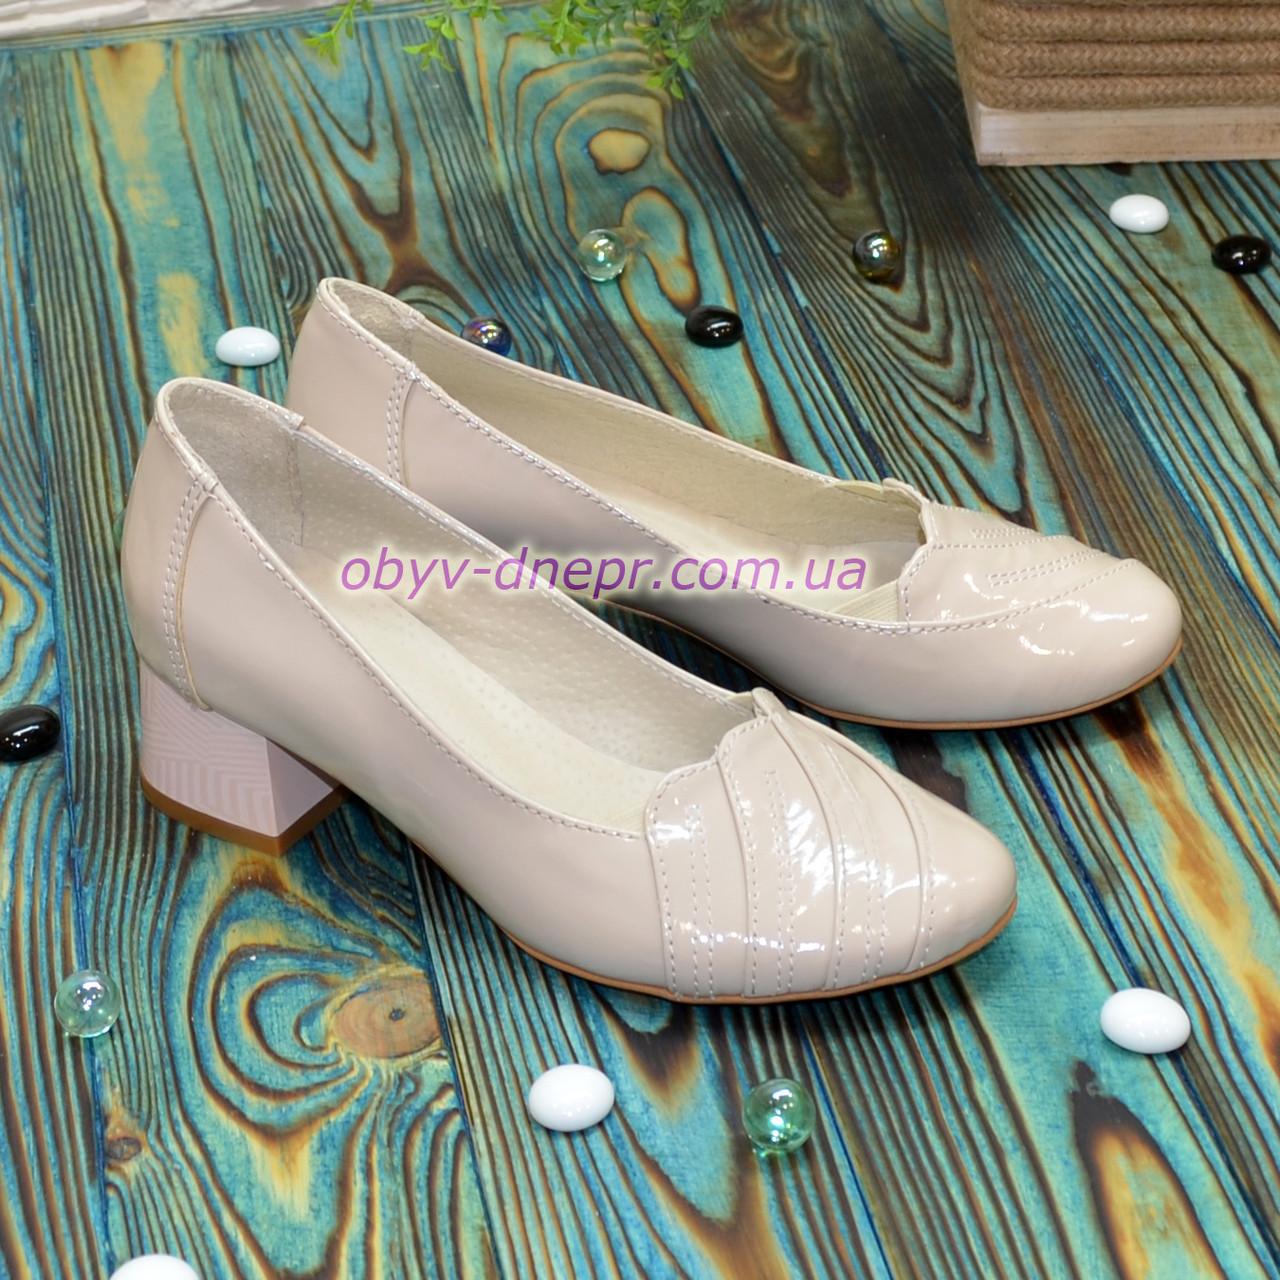 Туфли женские лаковые на невысоком каблуке, цвет бежевый